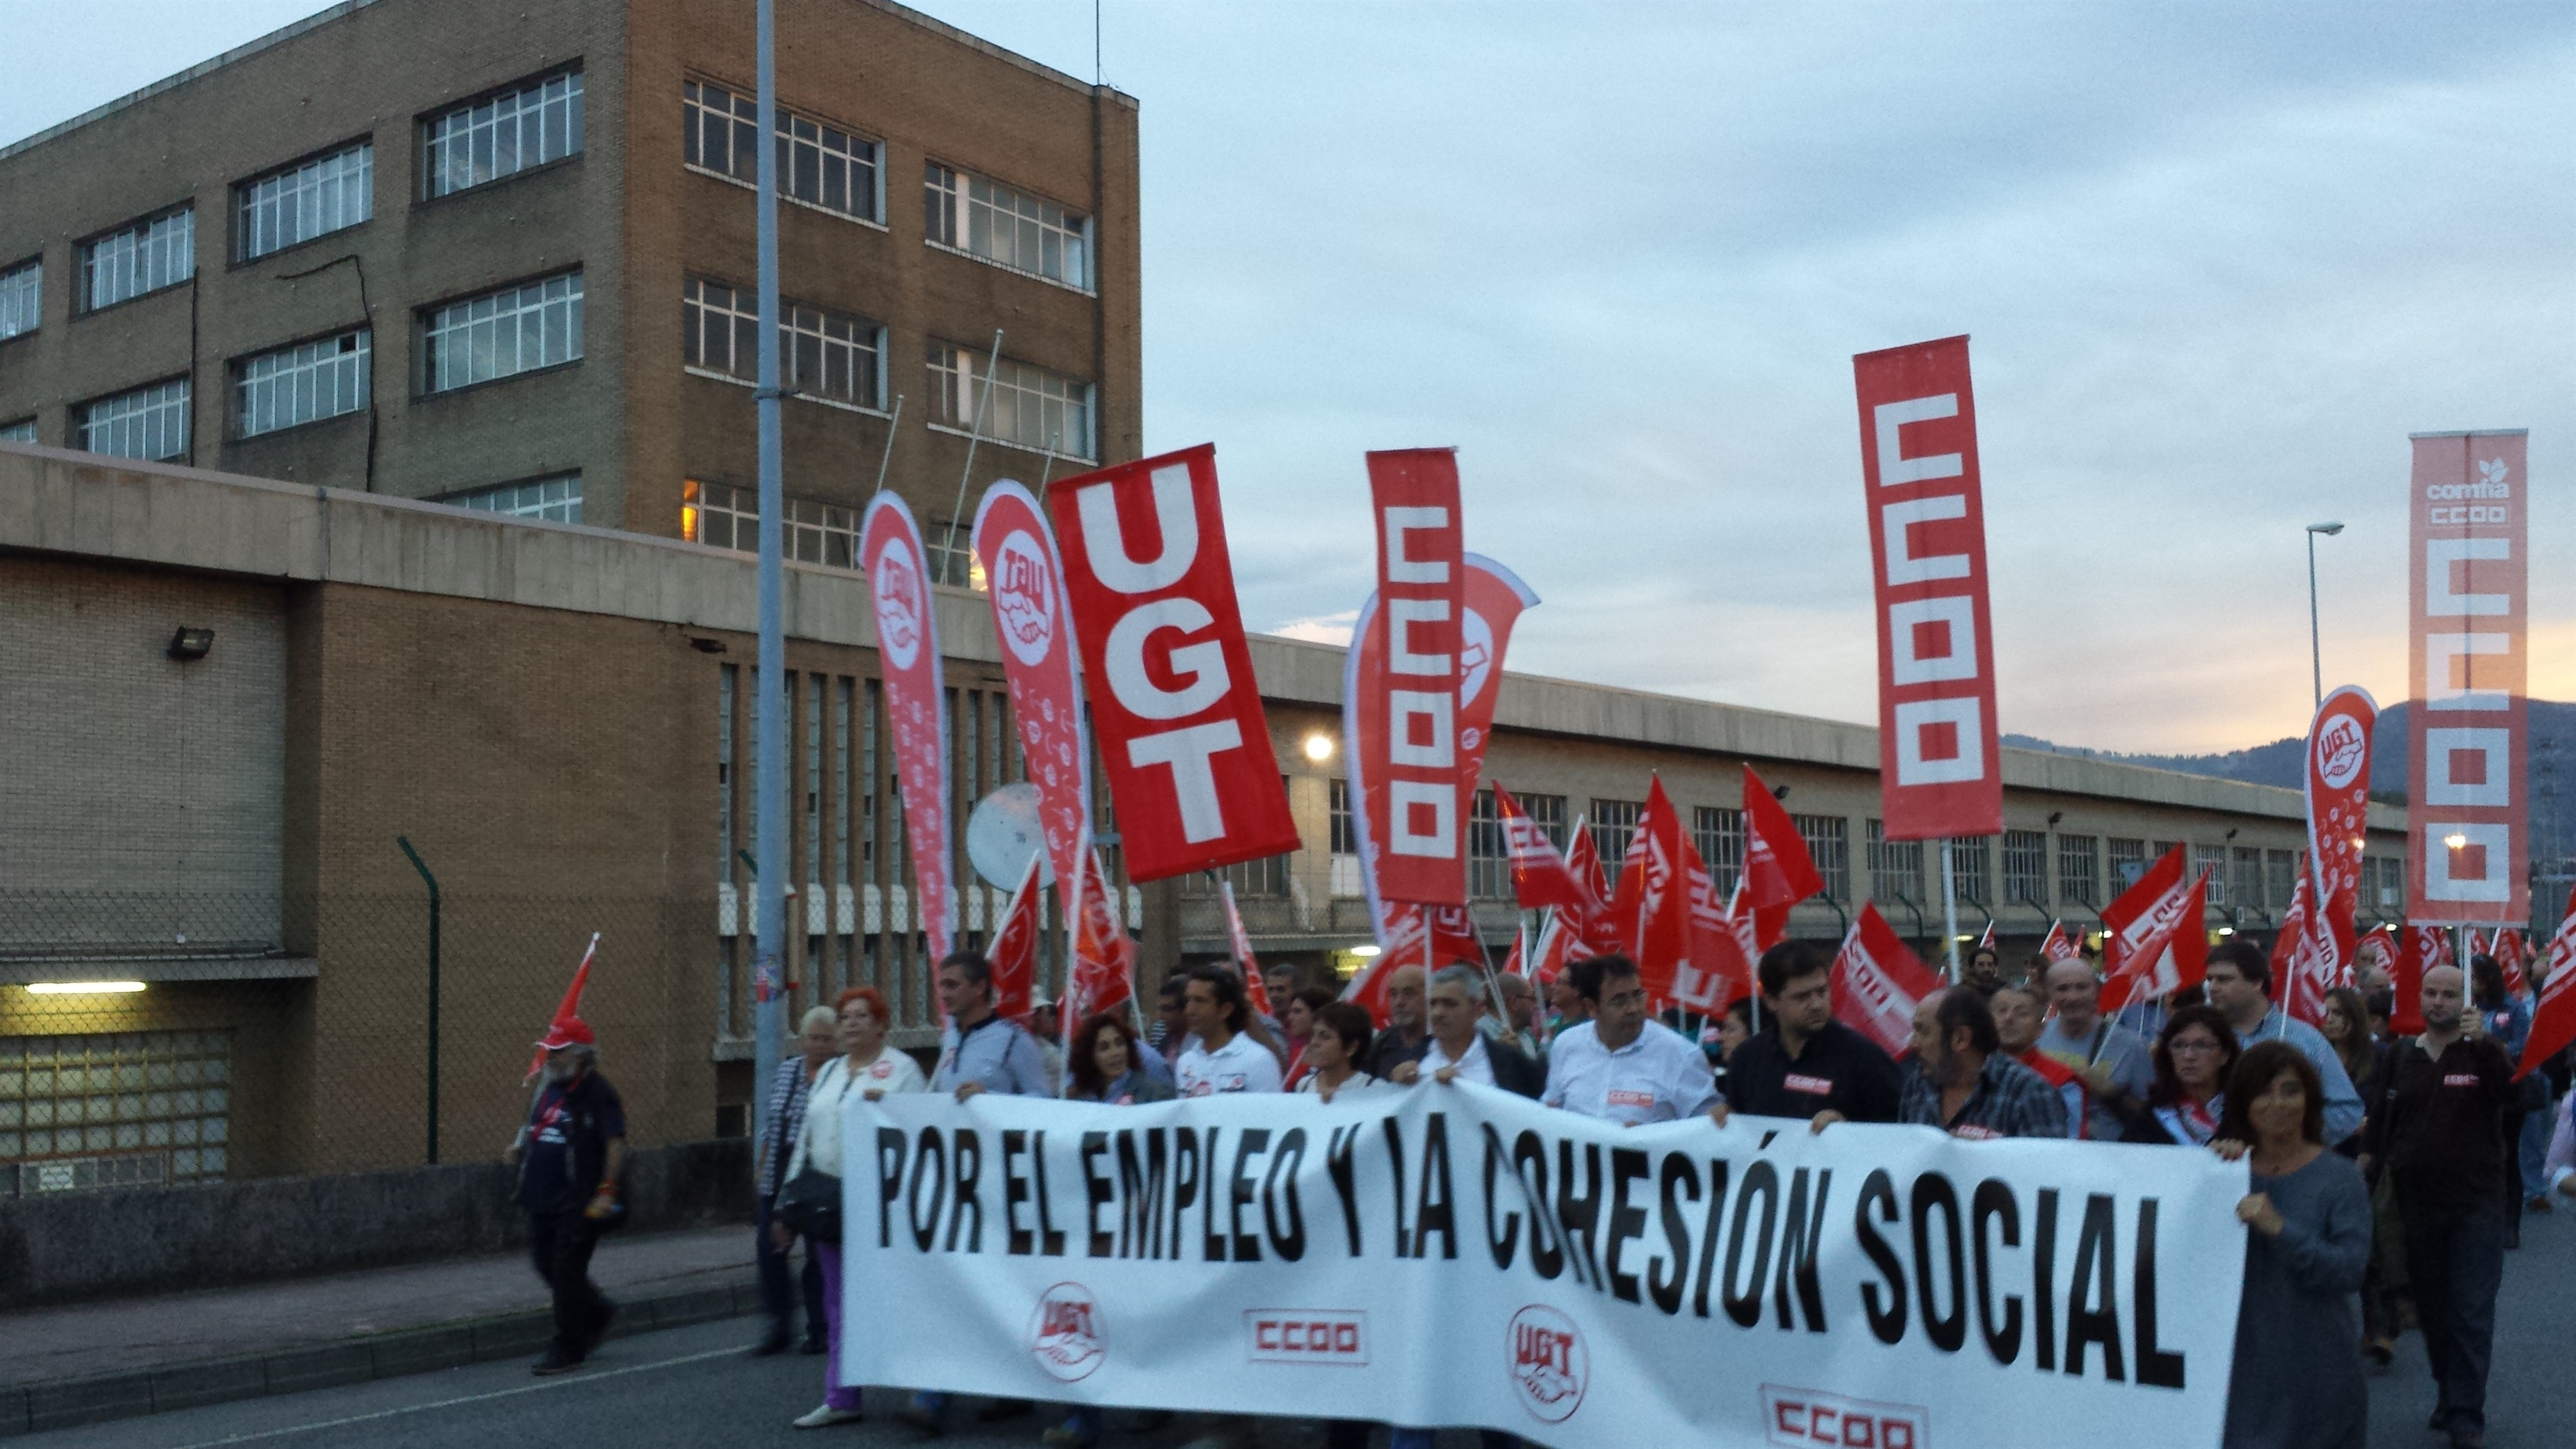 Más de 3.000 personas exigen «empleo y cohesión social» en la manifestación de UGT y CCOO en Camargo